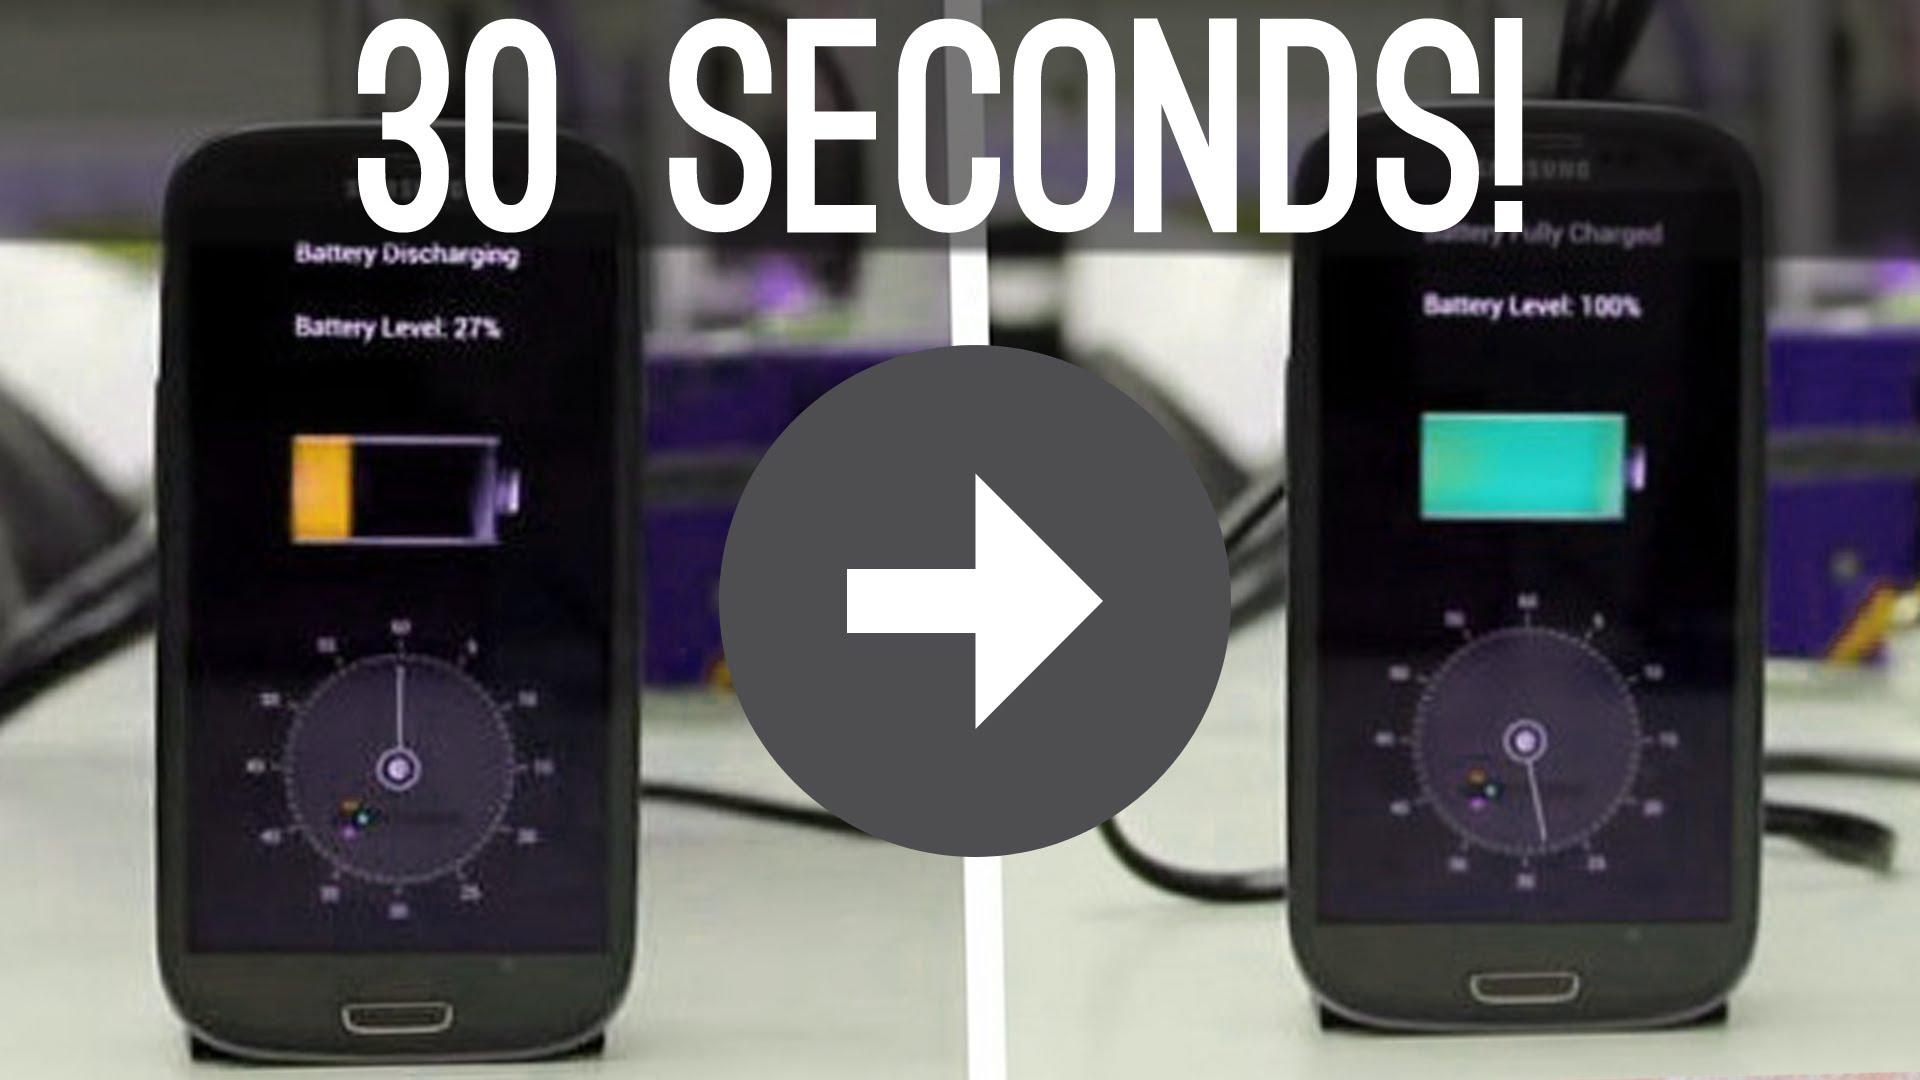 Як зарядити автомобільний акумулятор за п'ять хвилин, або Нанотехнології в автомобілебудуванні